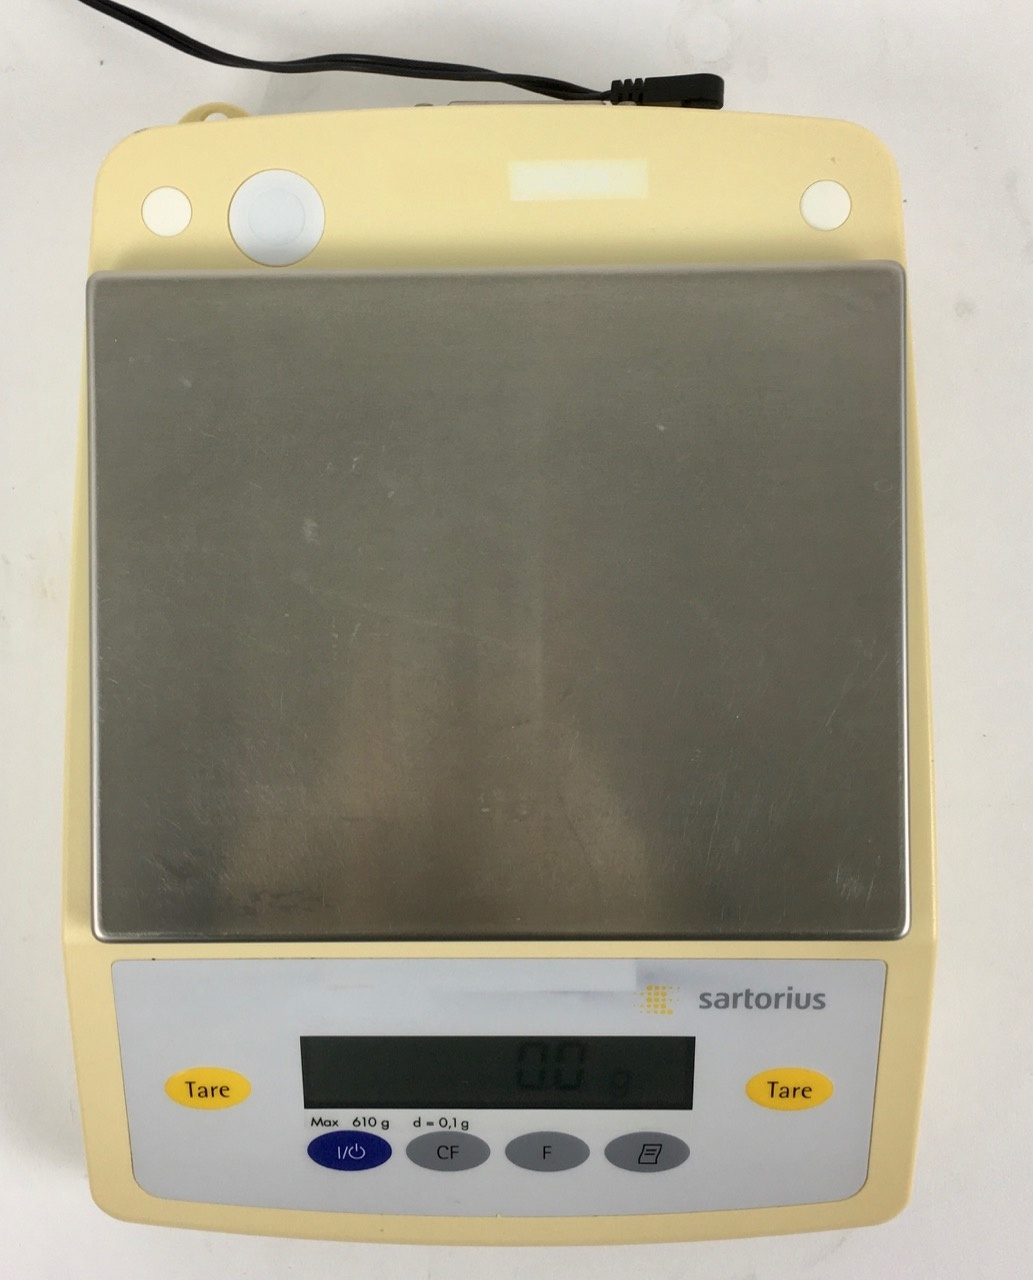 Sartorius Sartorius TE601 Precision Scale (max. 610g/0,1g)